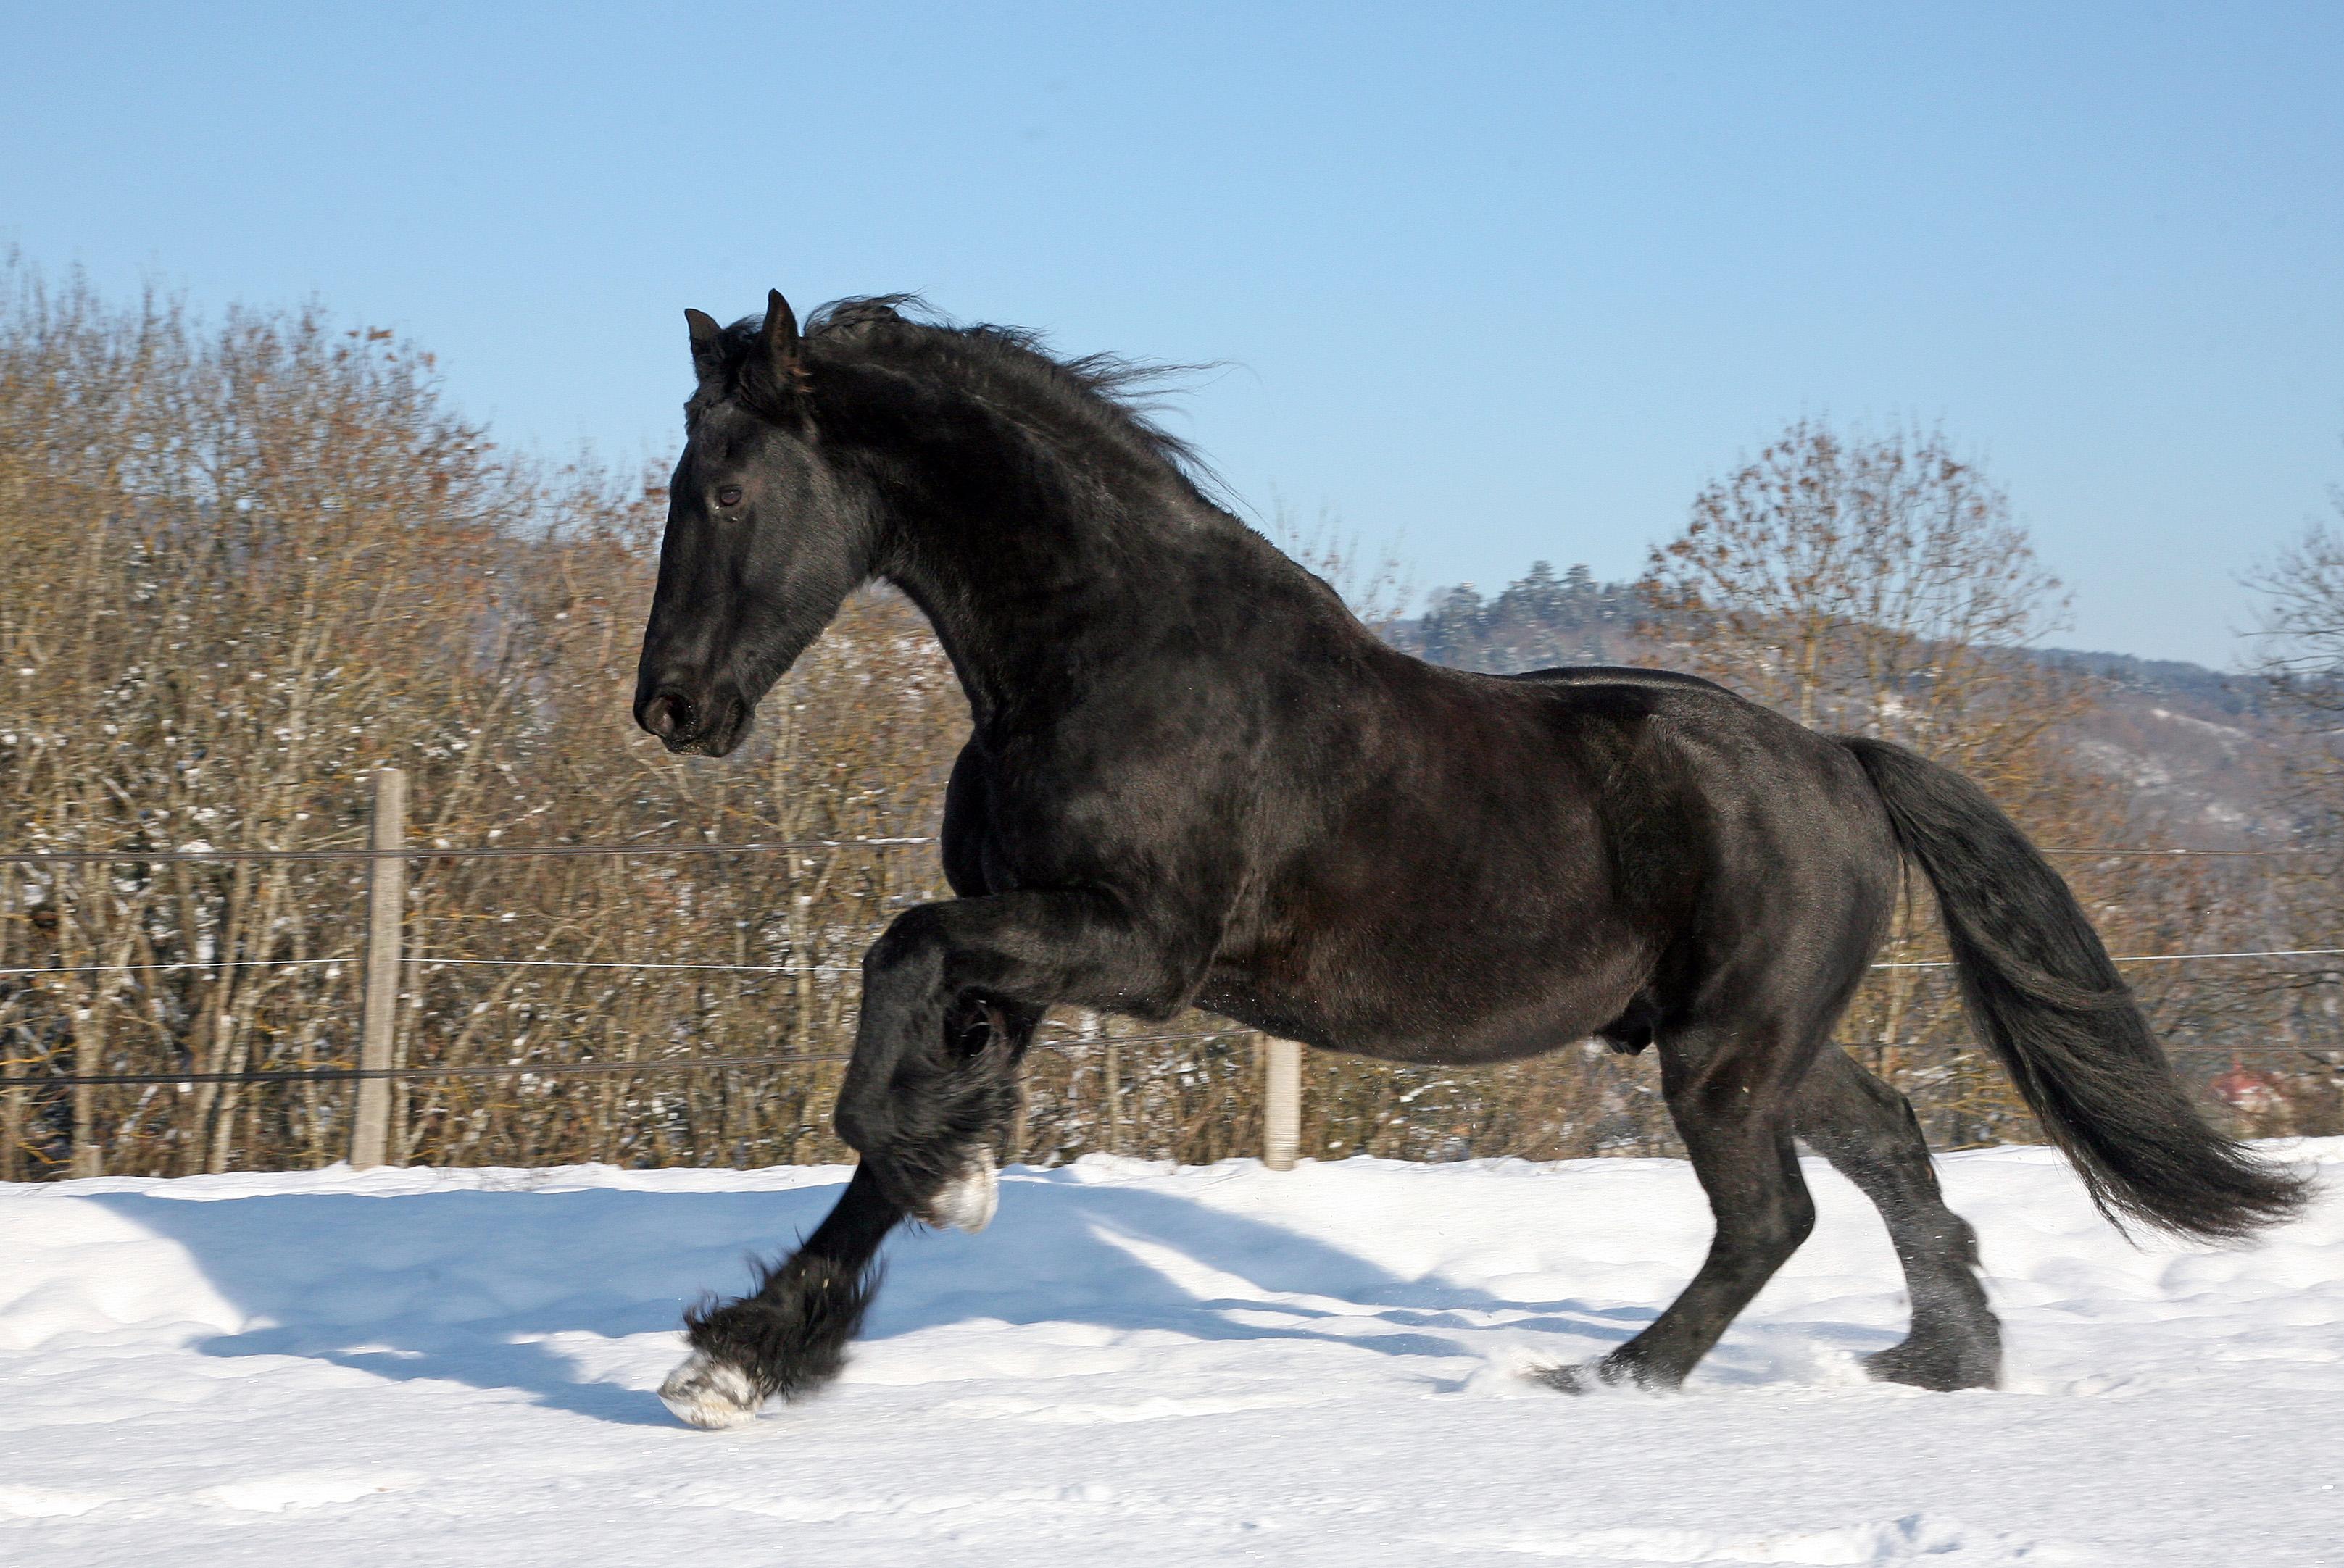 Black Horse Legend Wikipedia